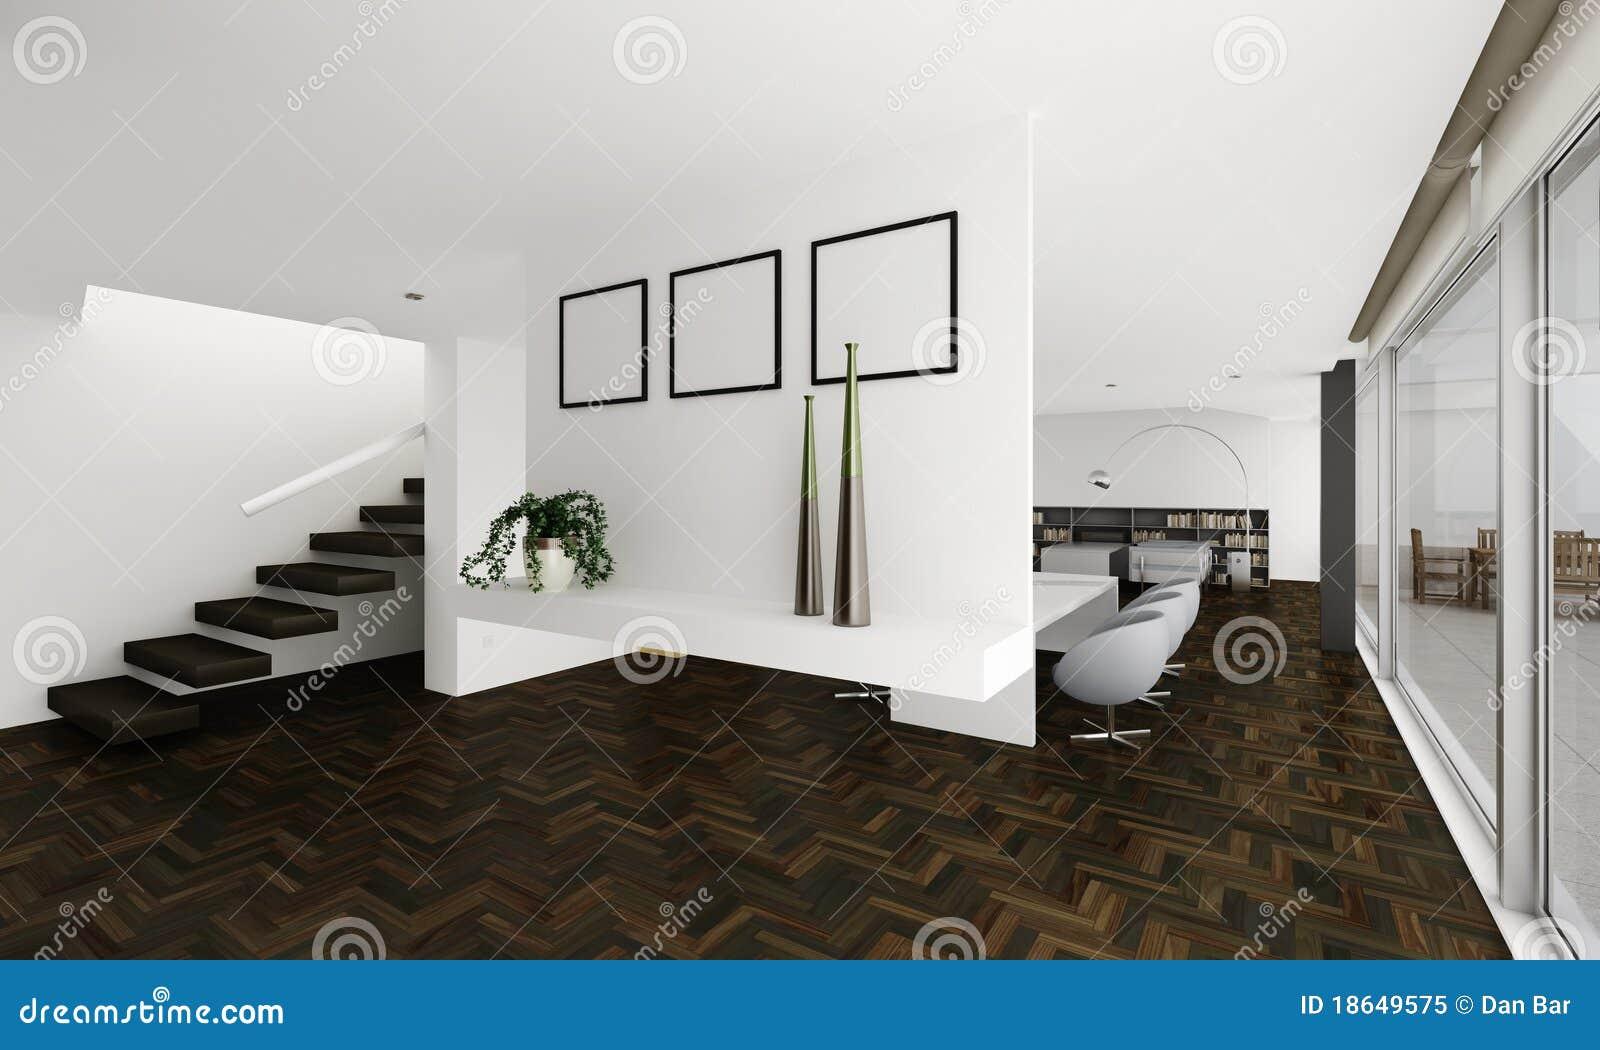 La arcilla 3d rinde de un interior moderno